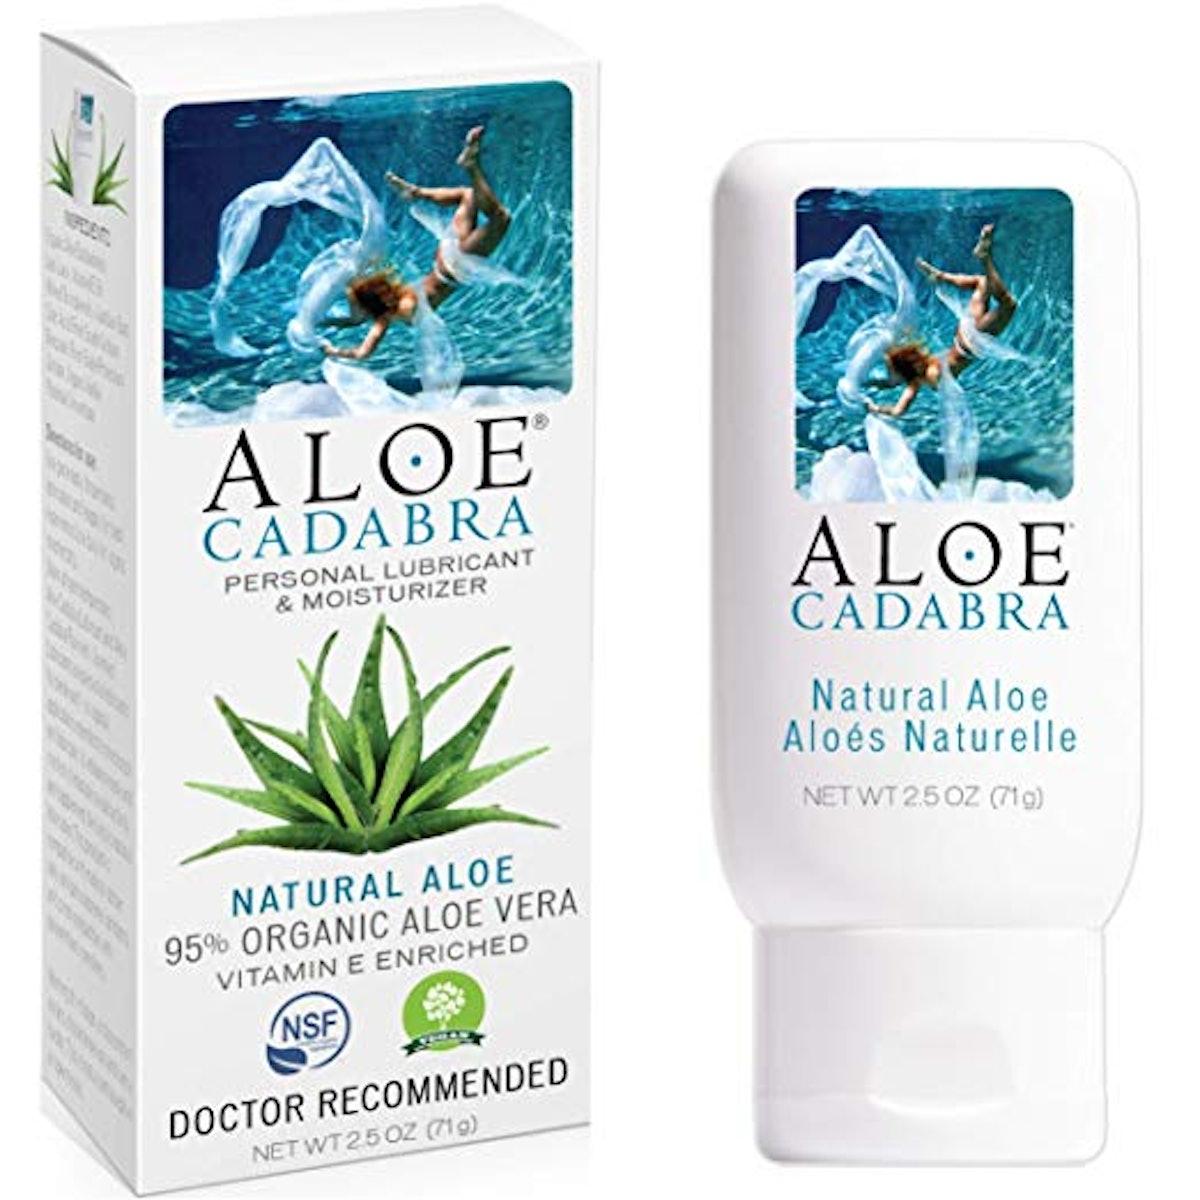 Aloe Cadabra Natural Personal Lube, 95% Organic Aloe Vera